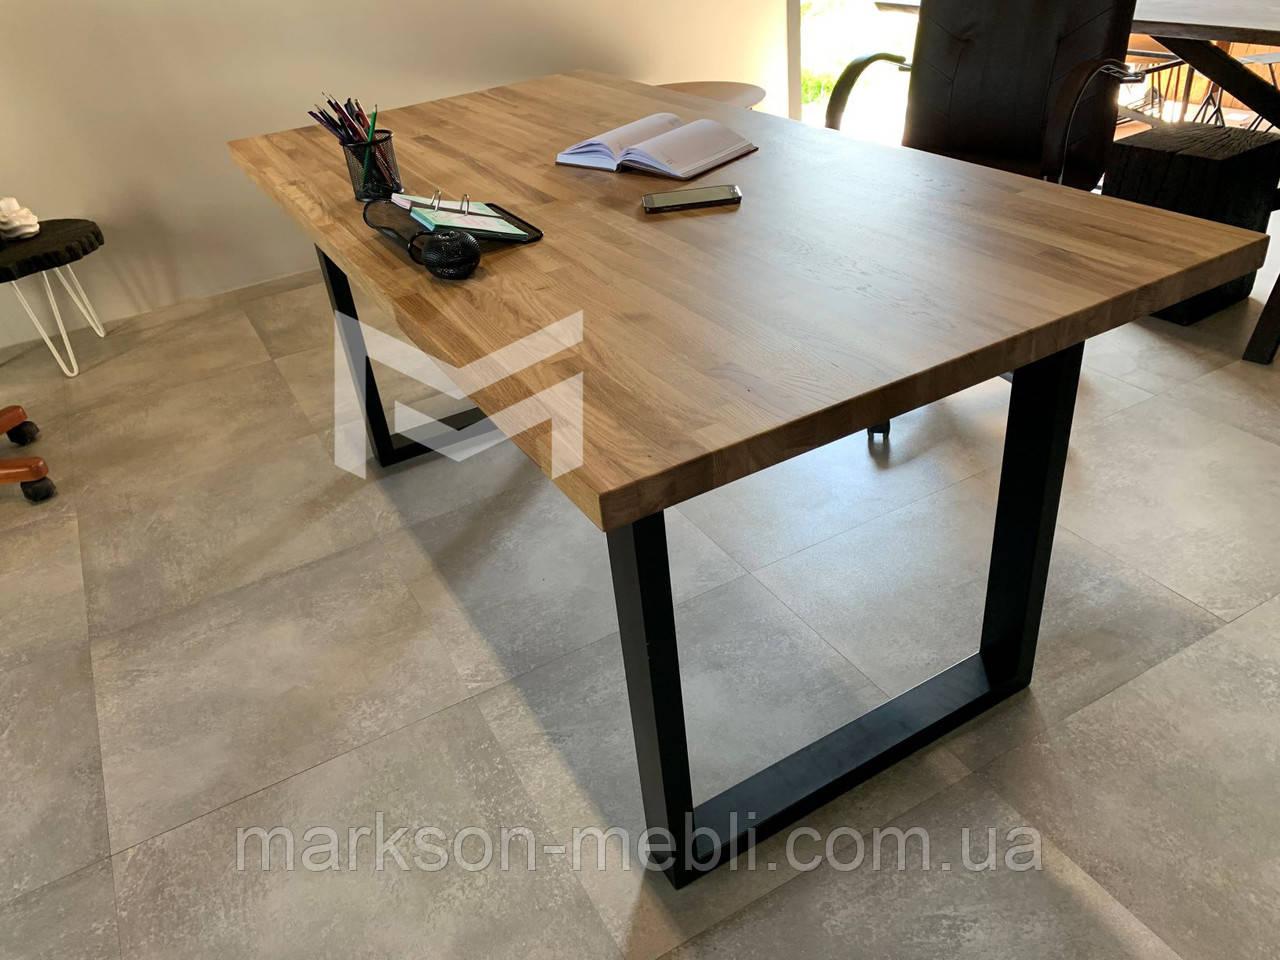 Кухонный стол Далас в стиле Лофт с массива Дуба, М901